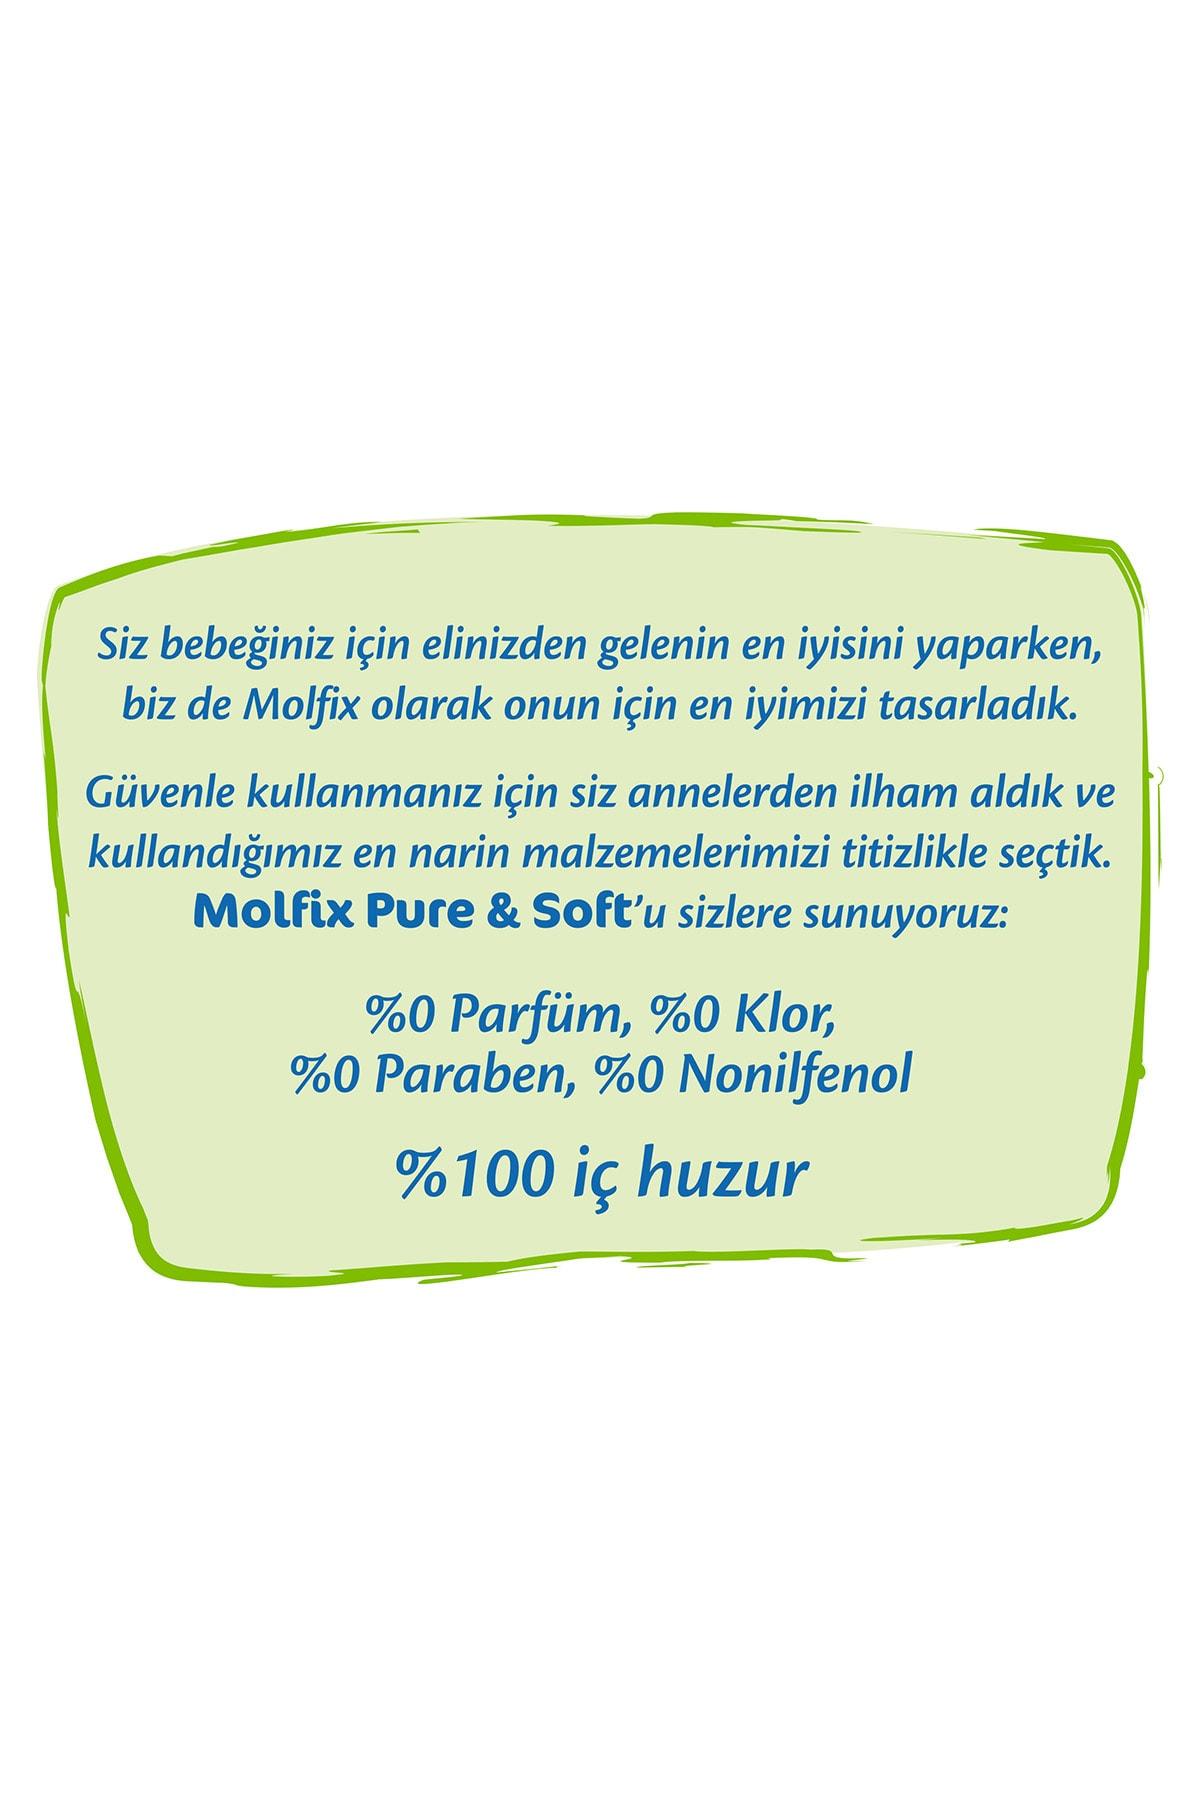 Molfix Pure&Soft Bebek Bezi 5 Beden Junior Aylık Fırsat Paketi 88 Adet 4